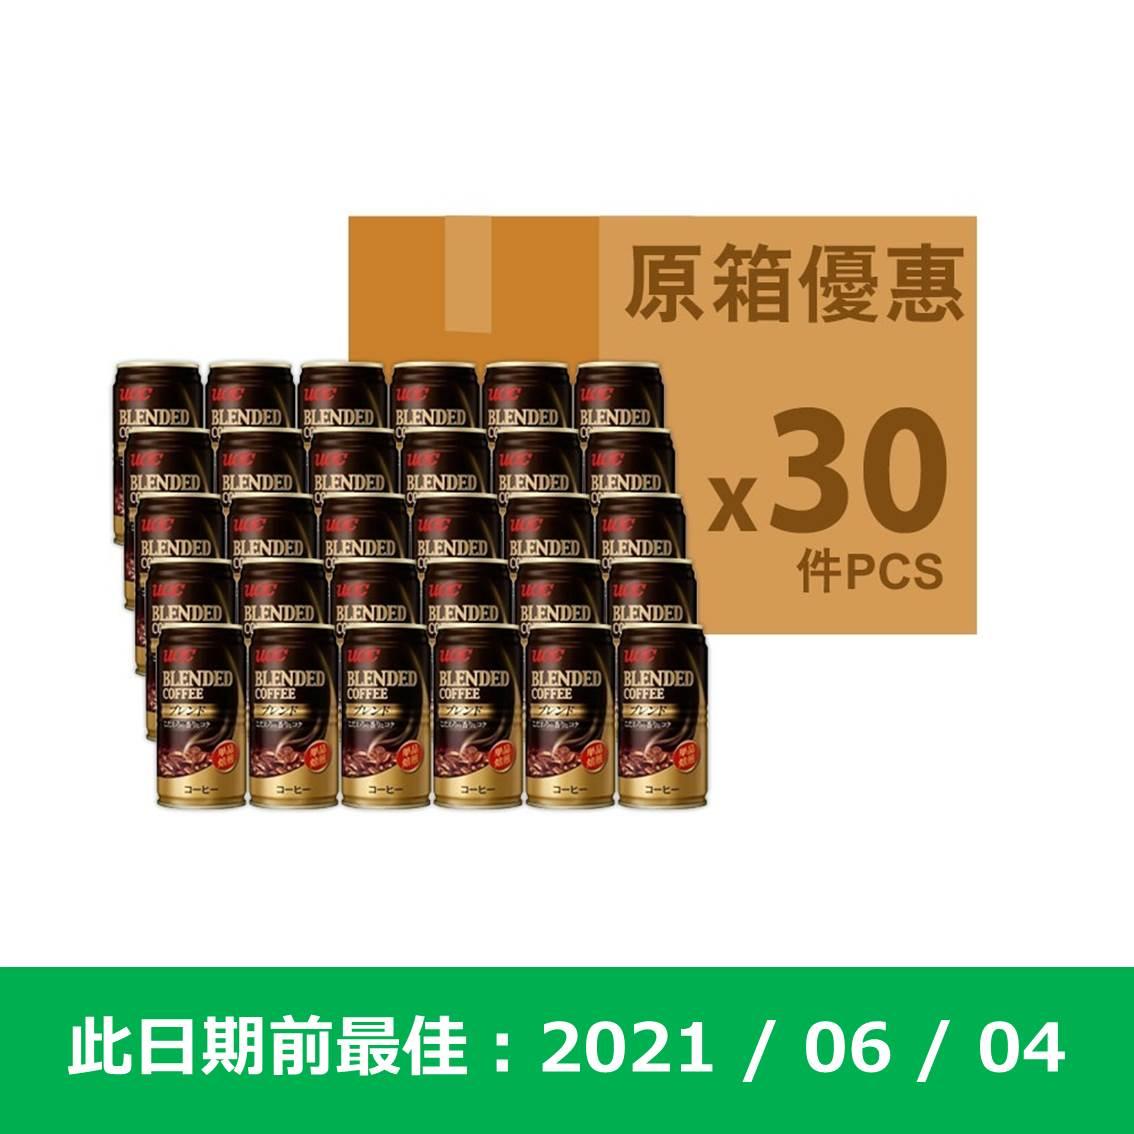 UCC原箱 上島炭糖罐咖啡185ml(原箱)